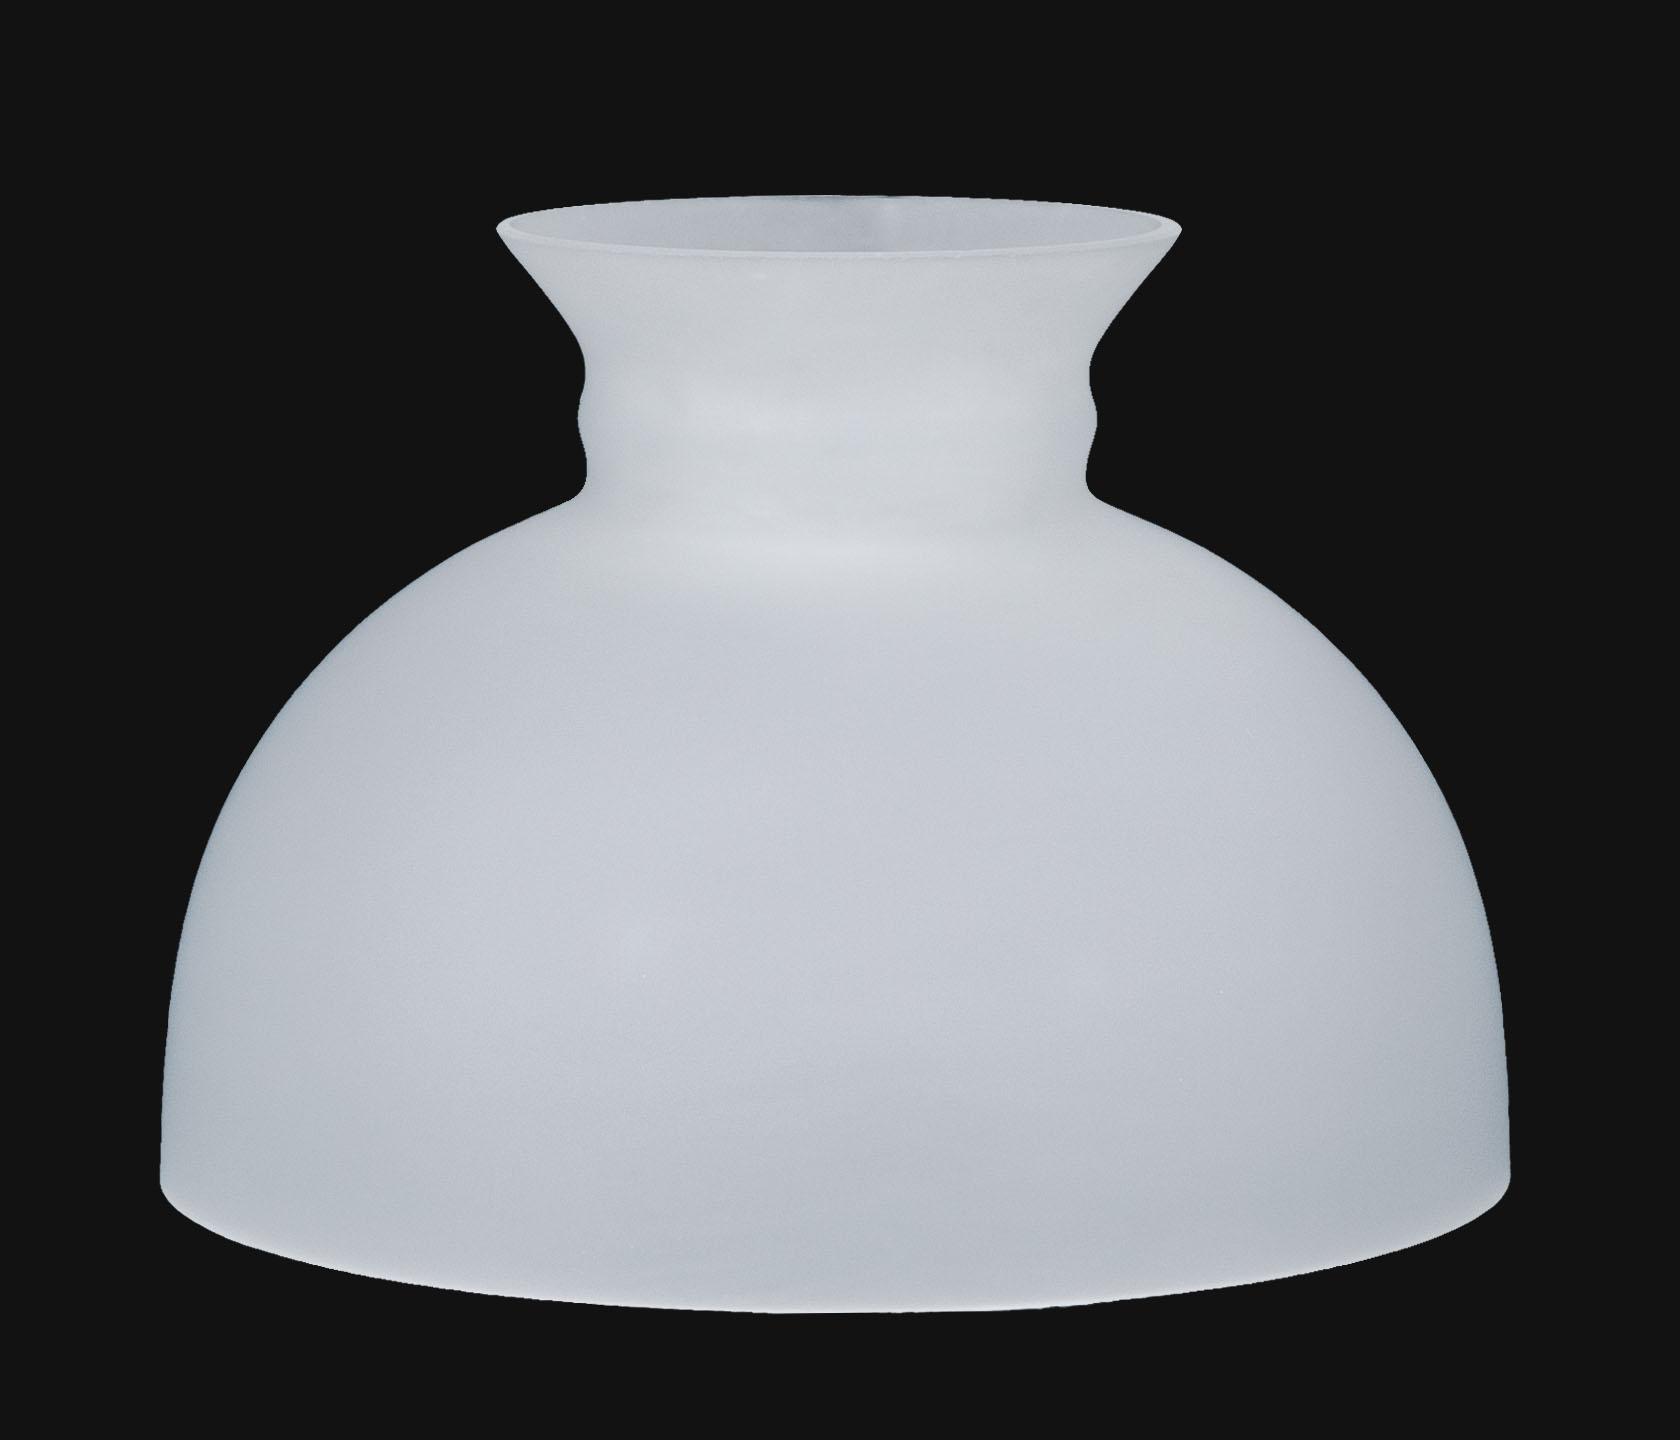 10 Satin Crystal Student Shade 06065 B Amp P Lamp Supply